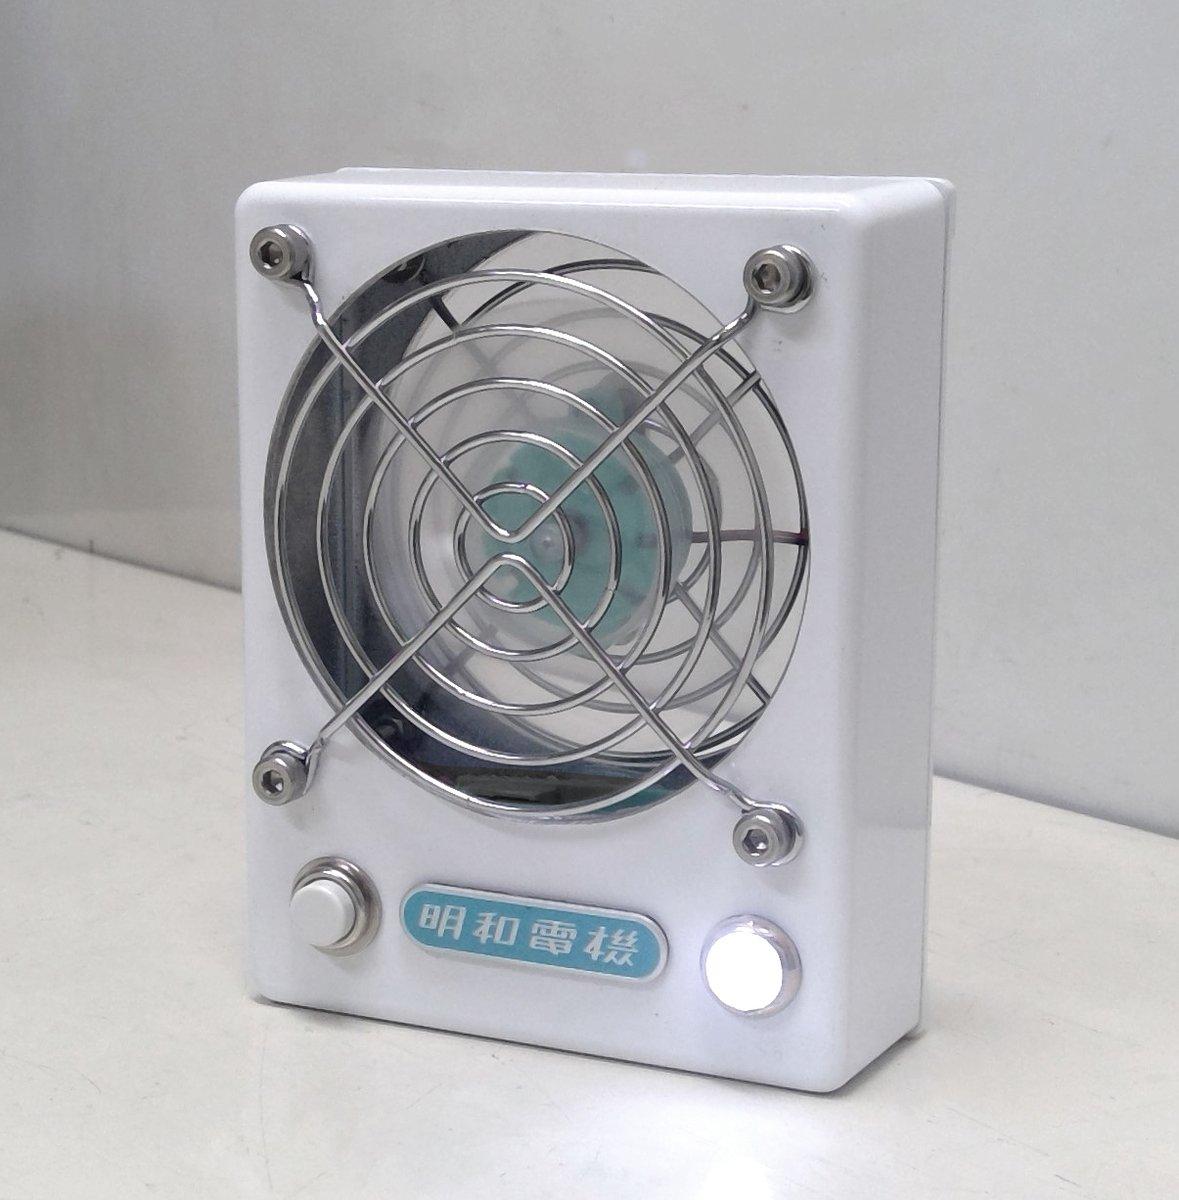 """明和電機 on Twitter: """"ちまたのハンディファンがどれもファンシーすぎるので、明和電機仕様のごっついのを作ってみた。アルミダイキャストボディ。LED付き(電池食うけどビジュアル的に)。… """""""